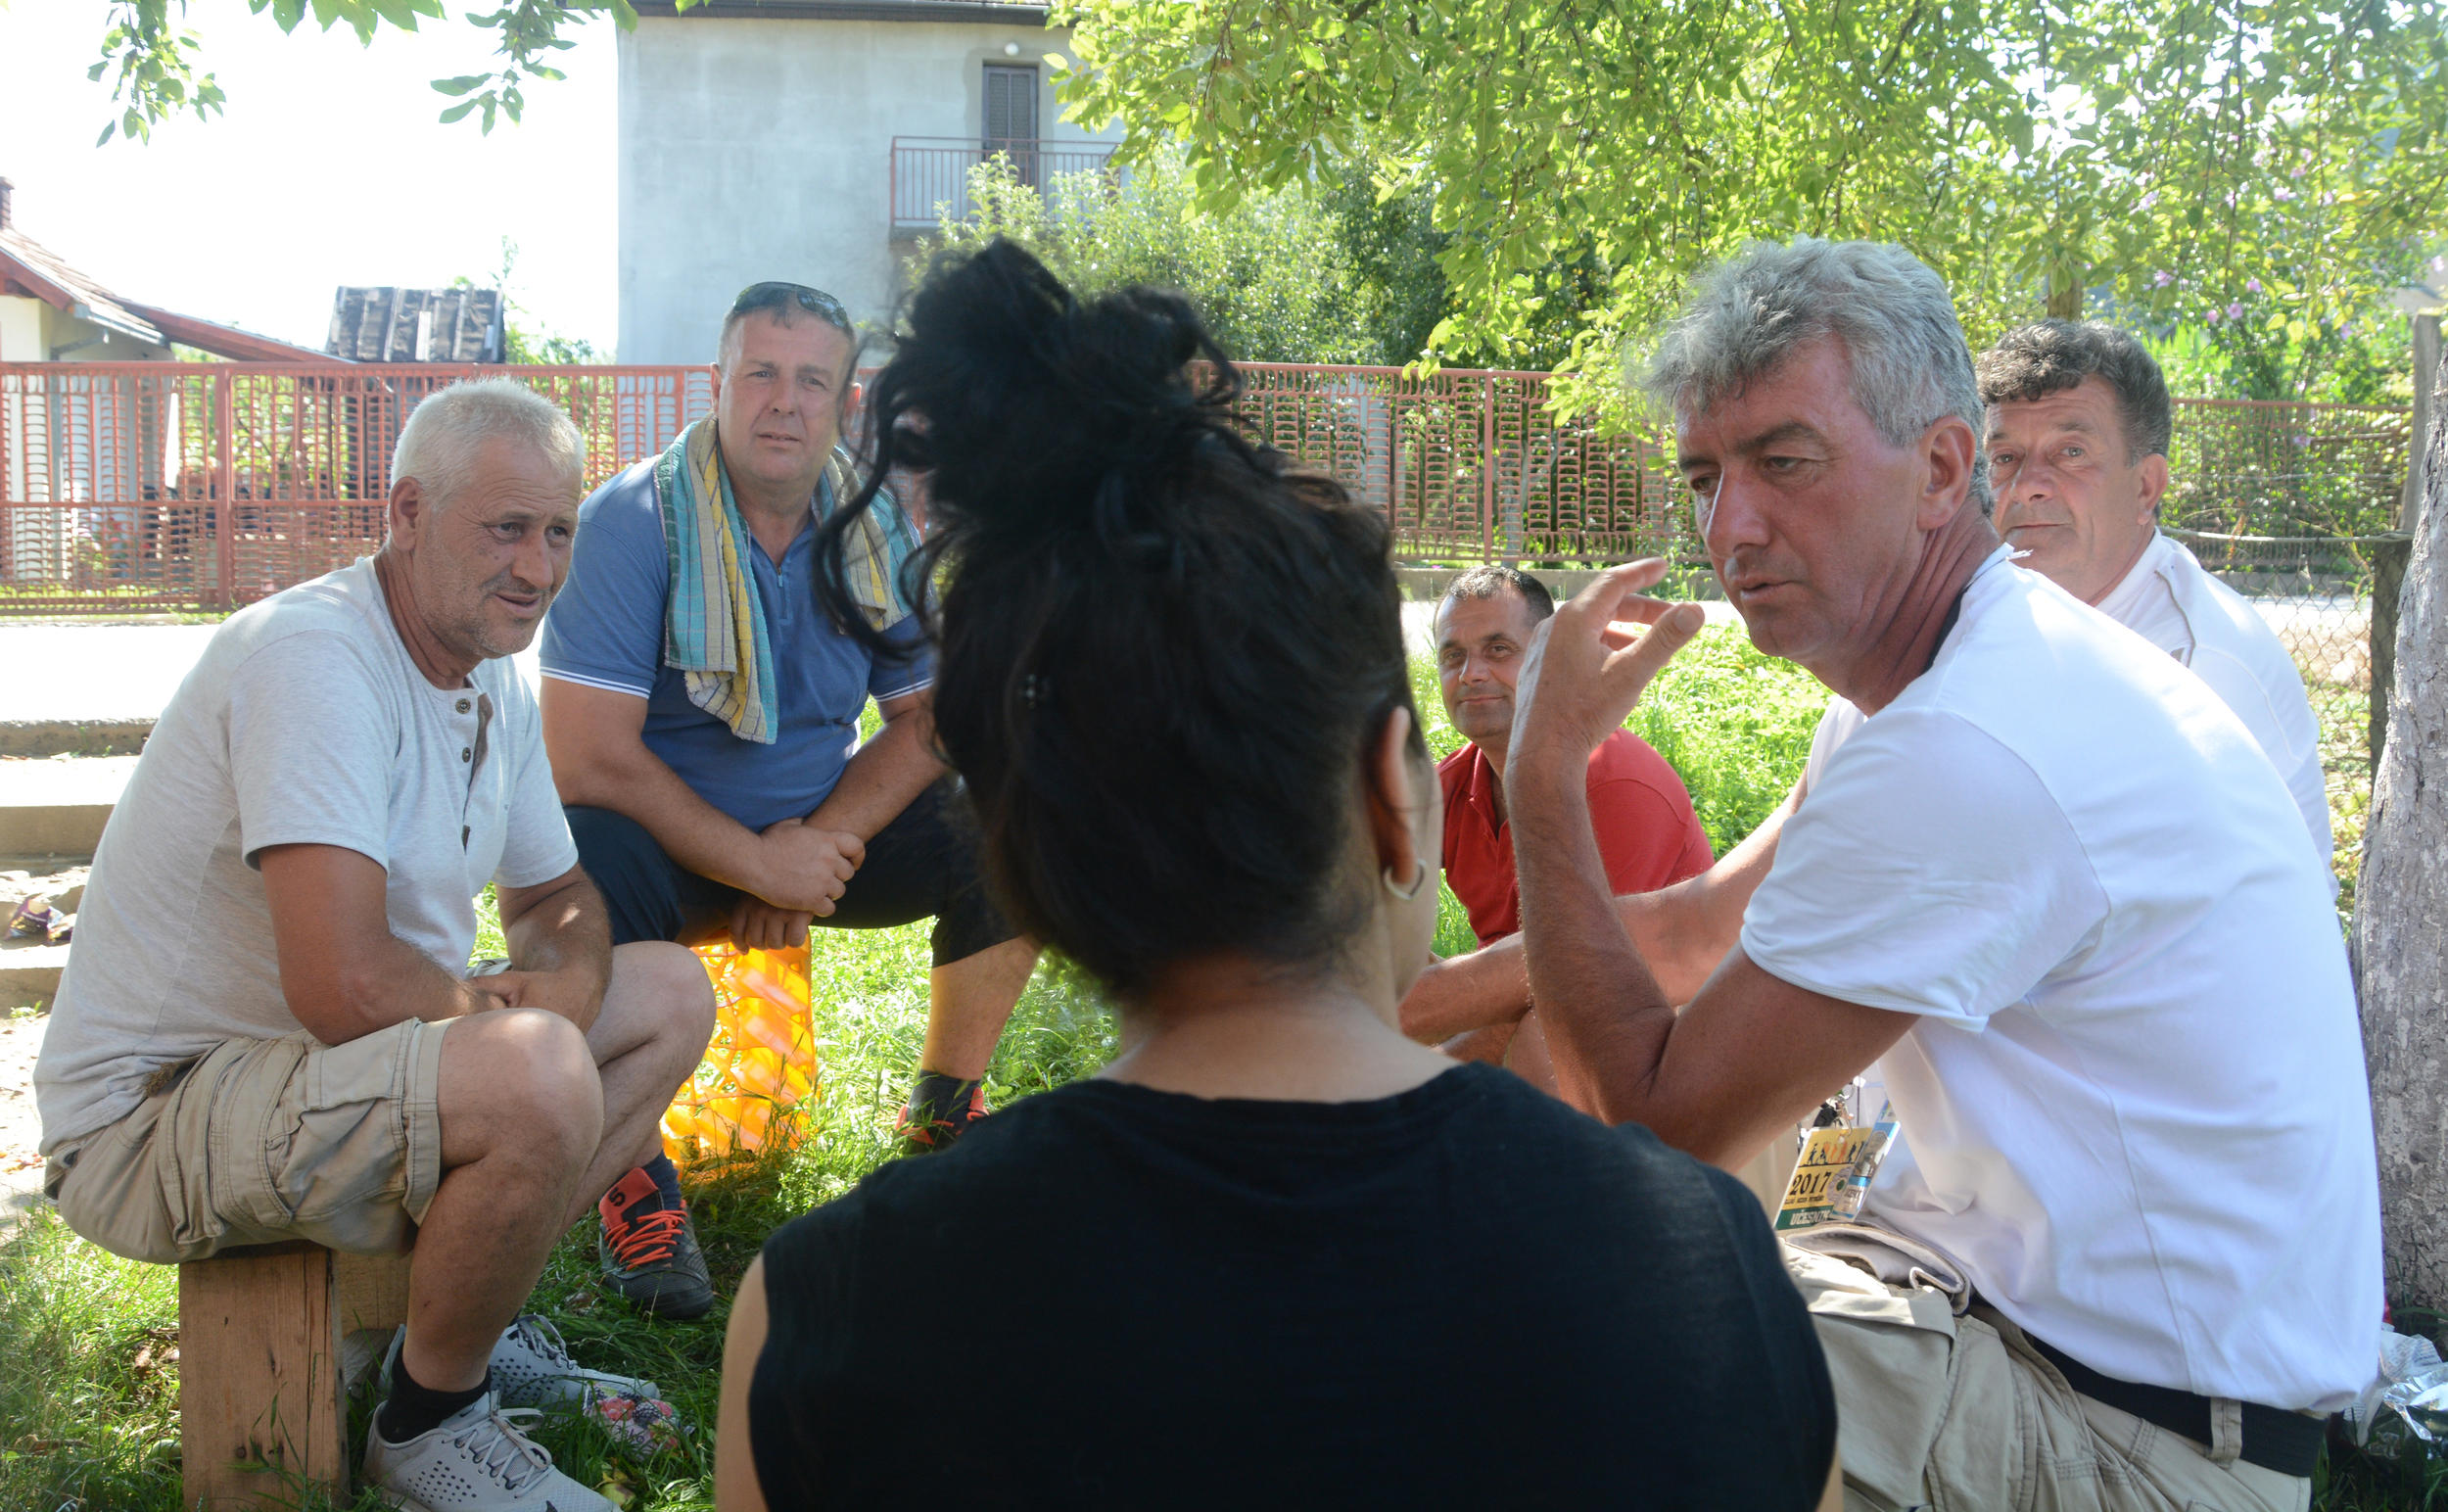 BOSNJAKU-SU-U-RATU-POGINULI-OTAC-I-BRAT-A-PIJE-SA-SRBINOM-Svako-s-2-grama-mozga-posle-ove-scene-u-Srebrenici-pitace-se-ZASTO-SMO-RATOVALI-FOTO